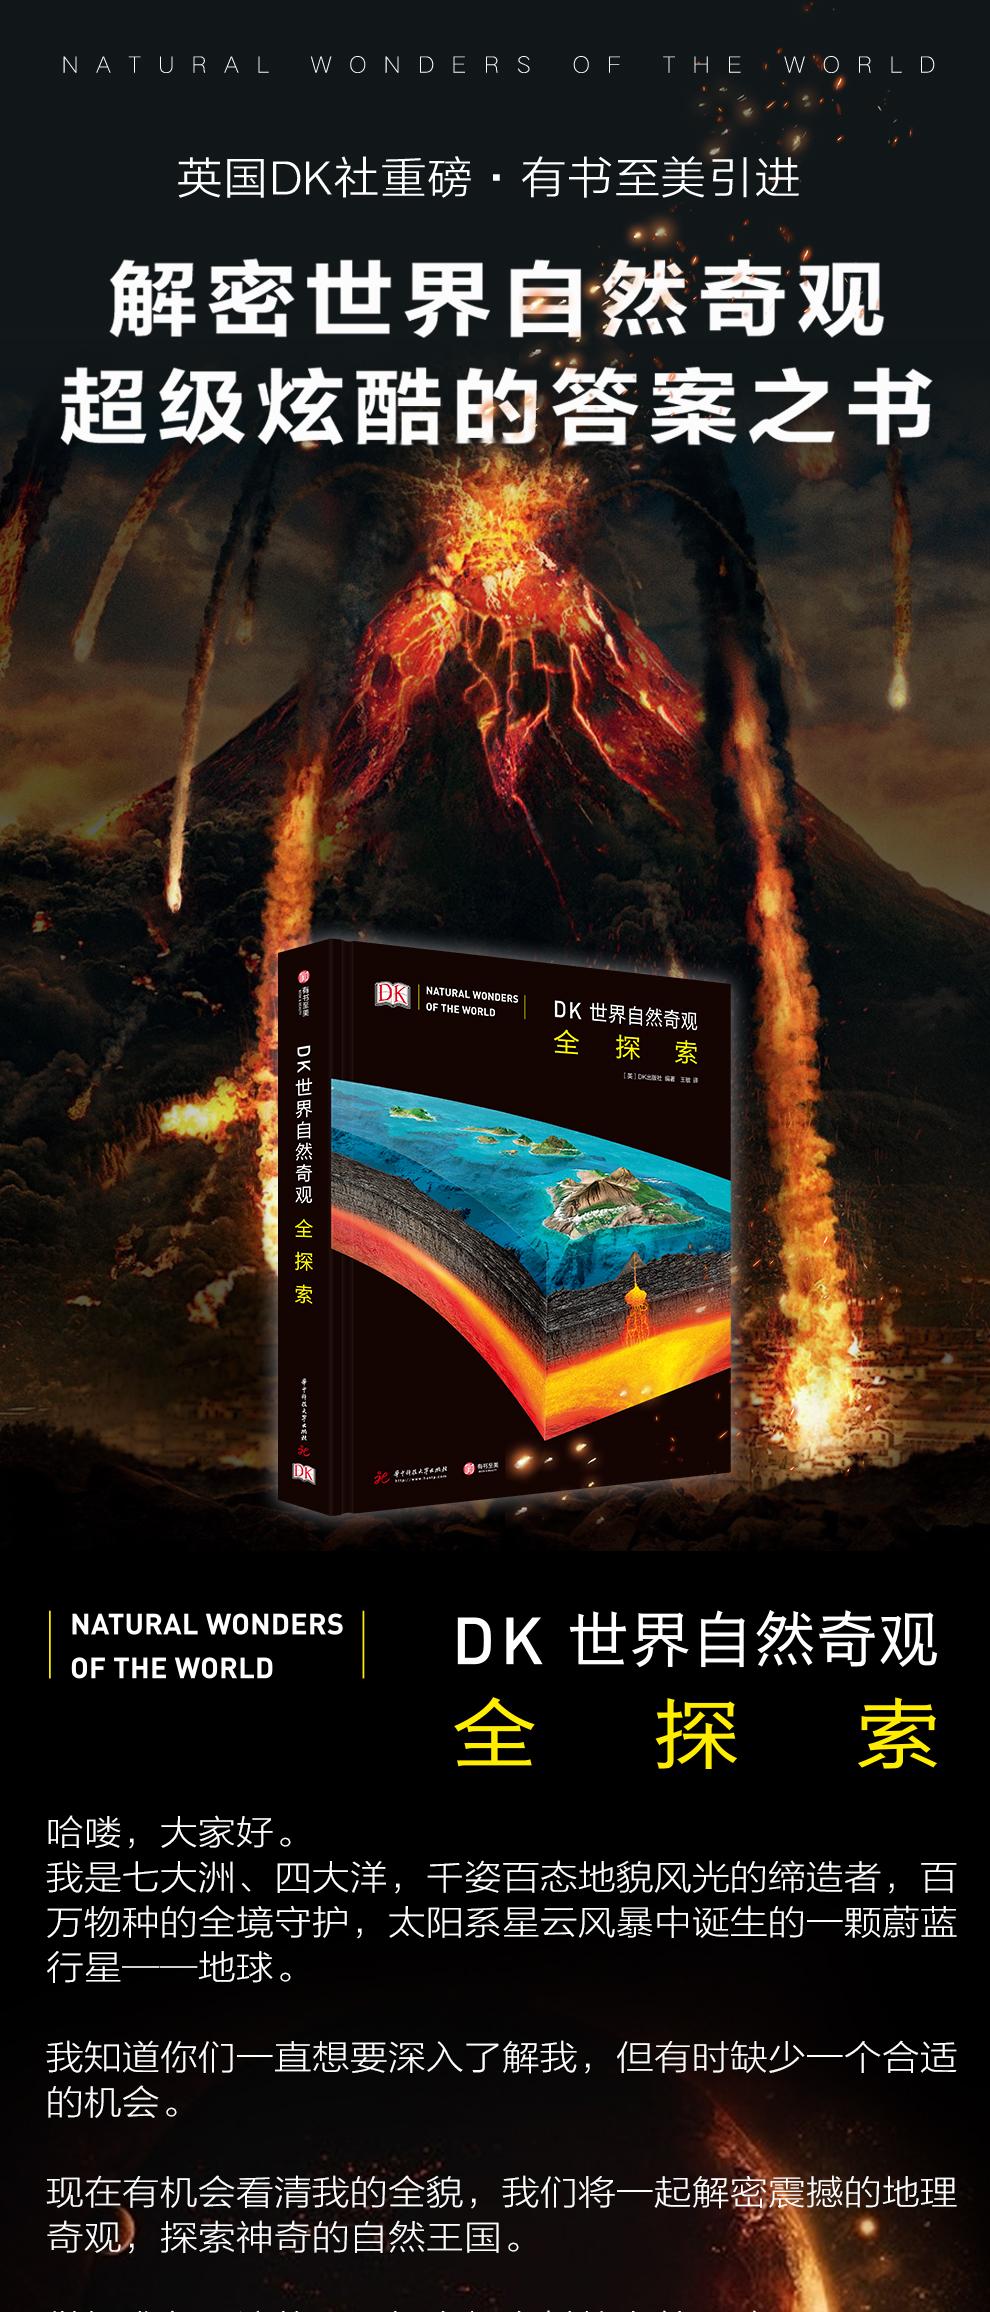 《DK全球自然奇观全探索》众筹_01.jpg